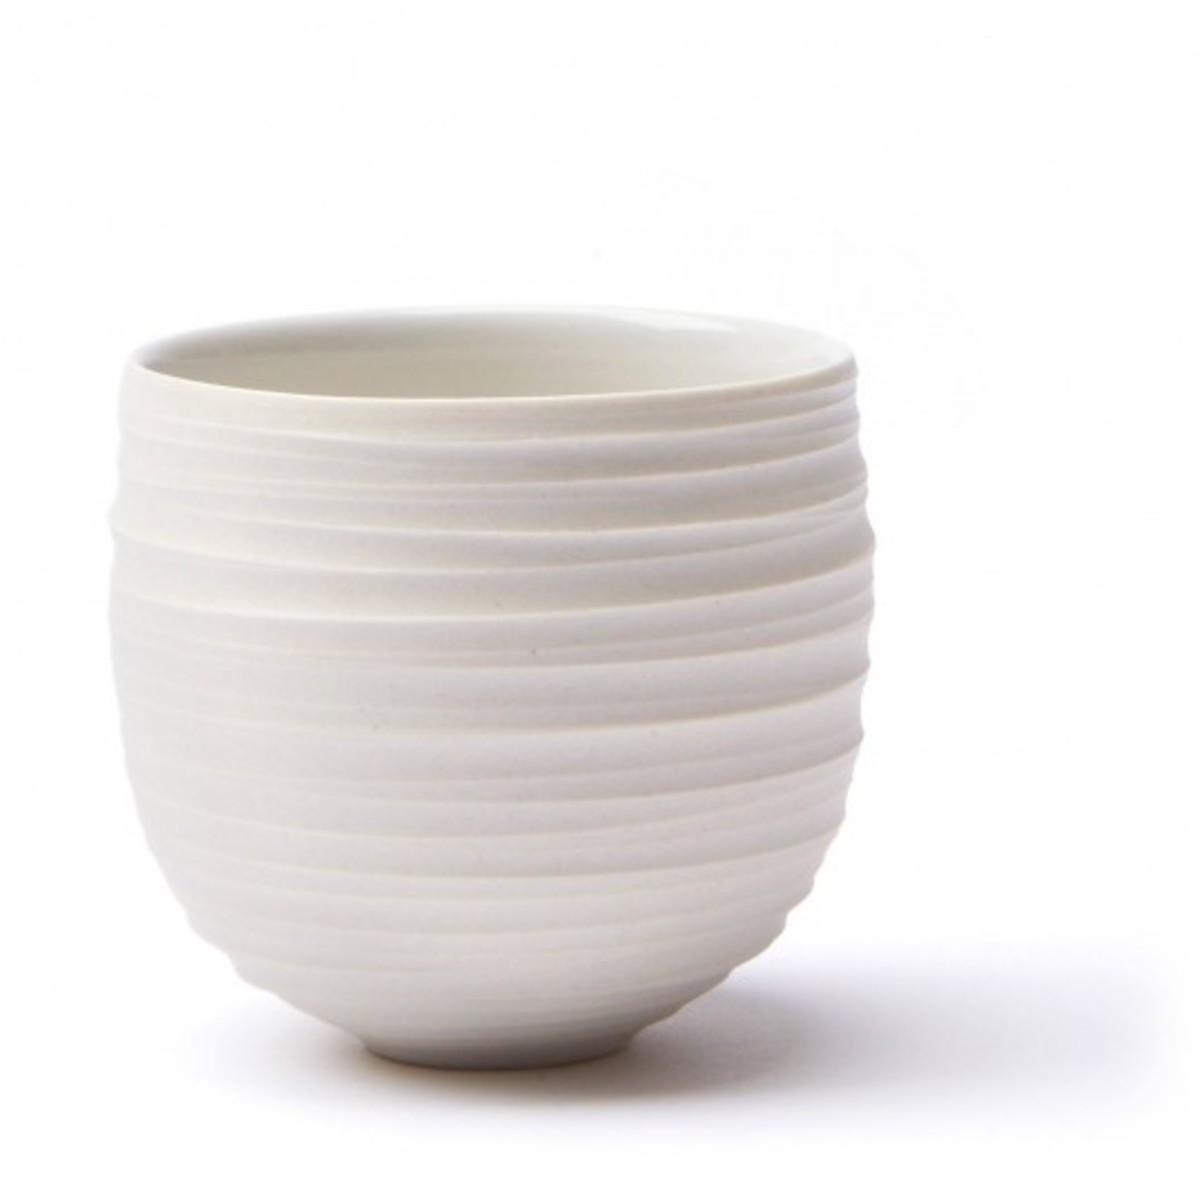 teacup-large.jpg